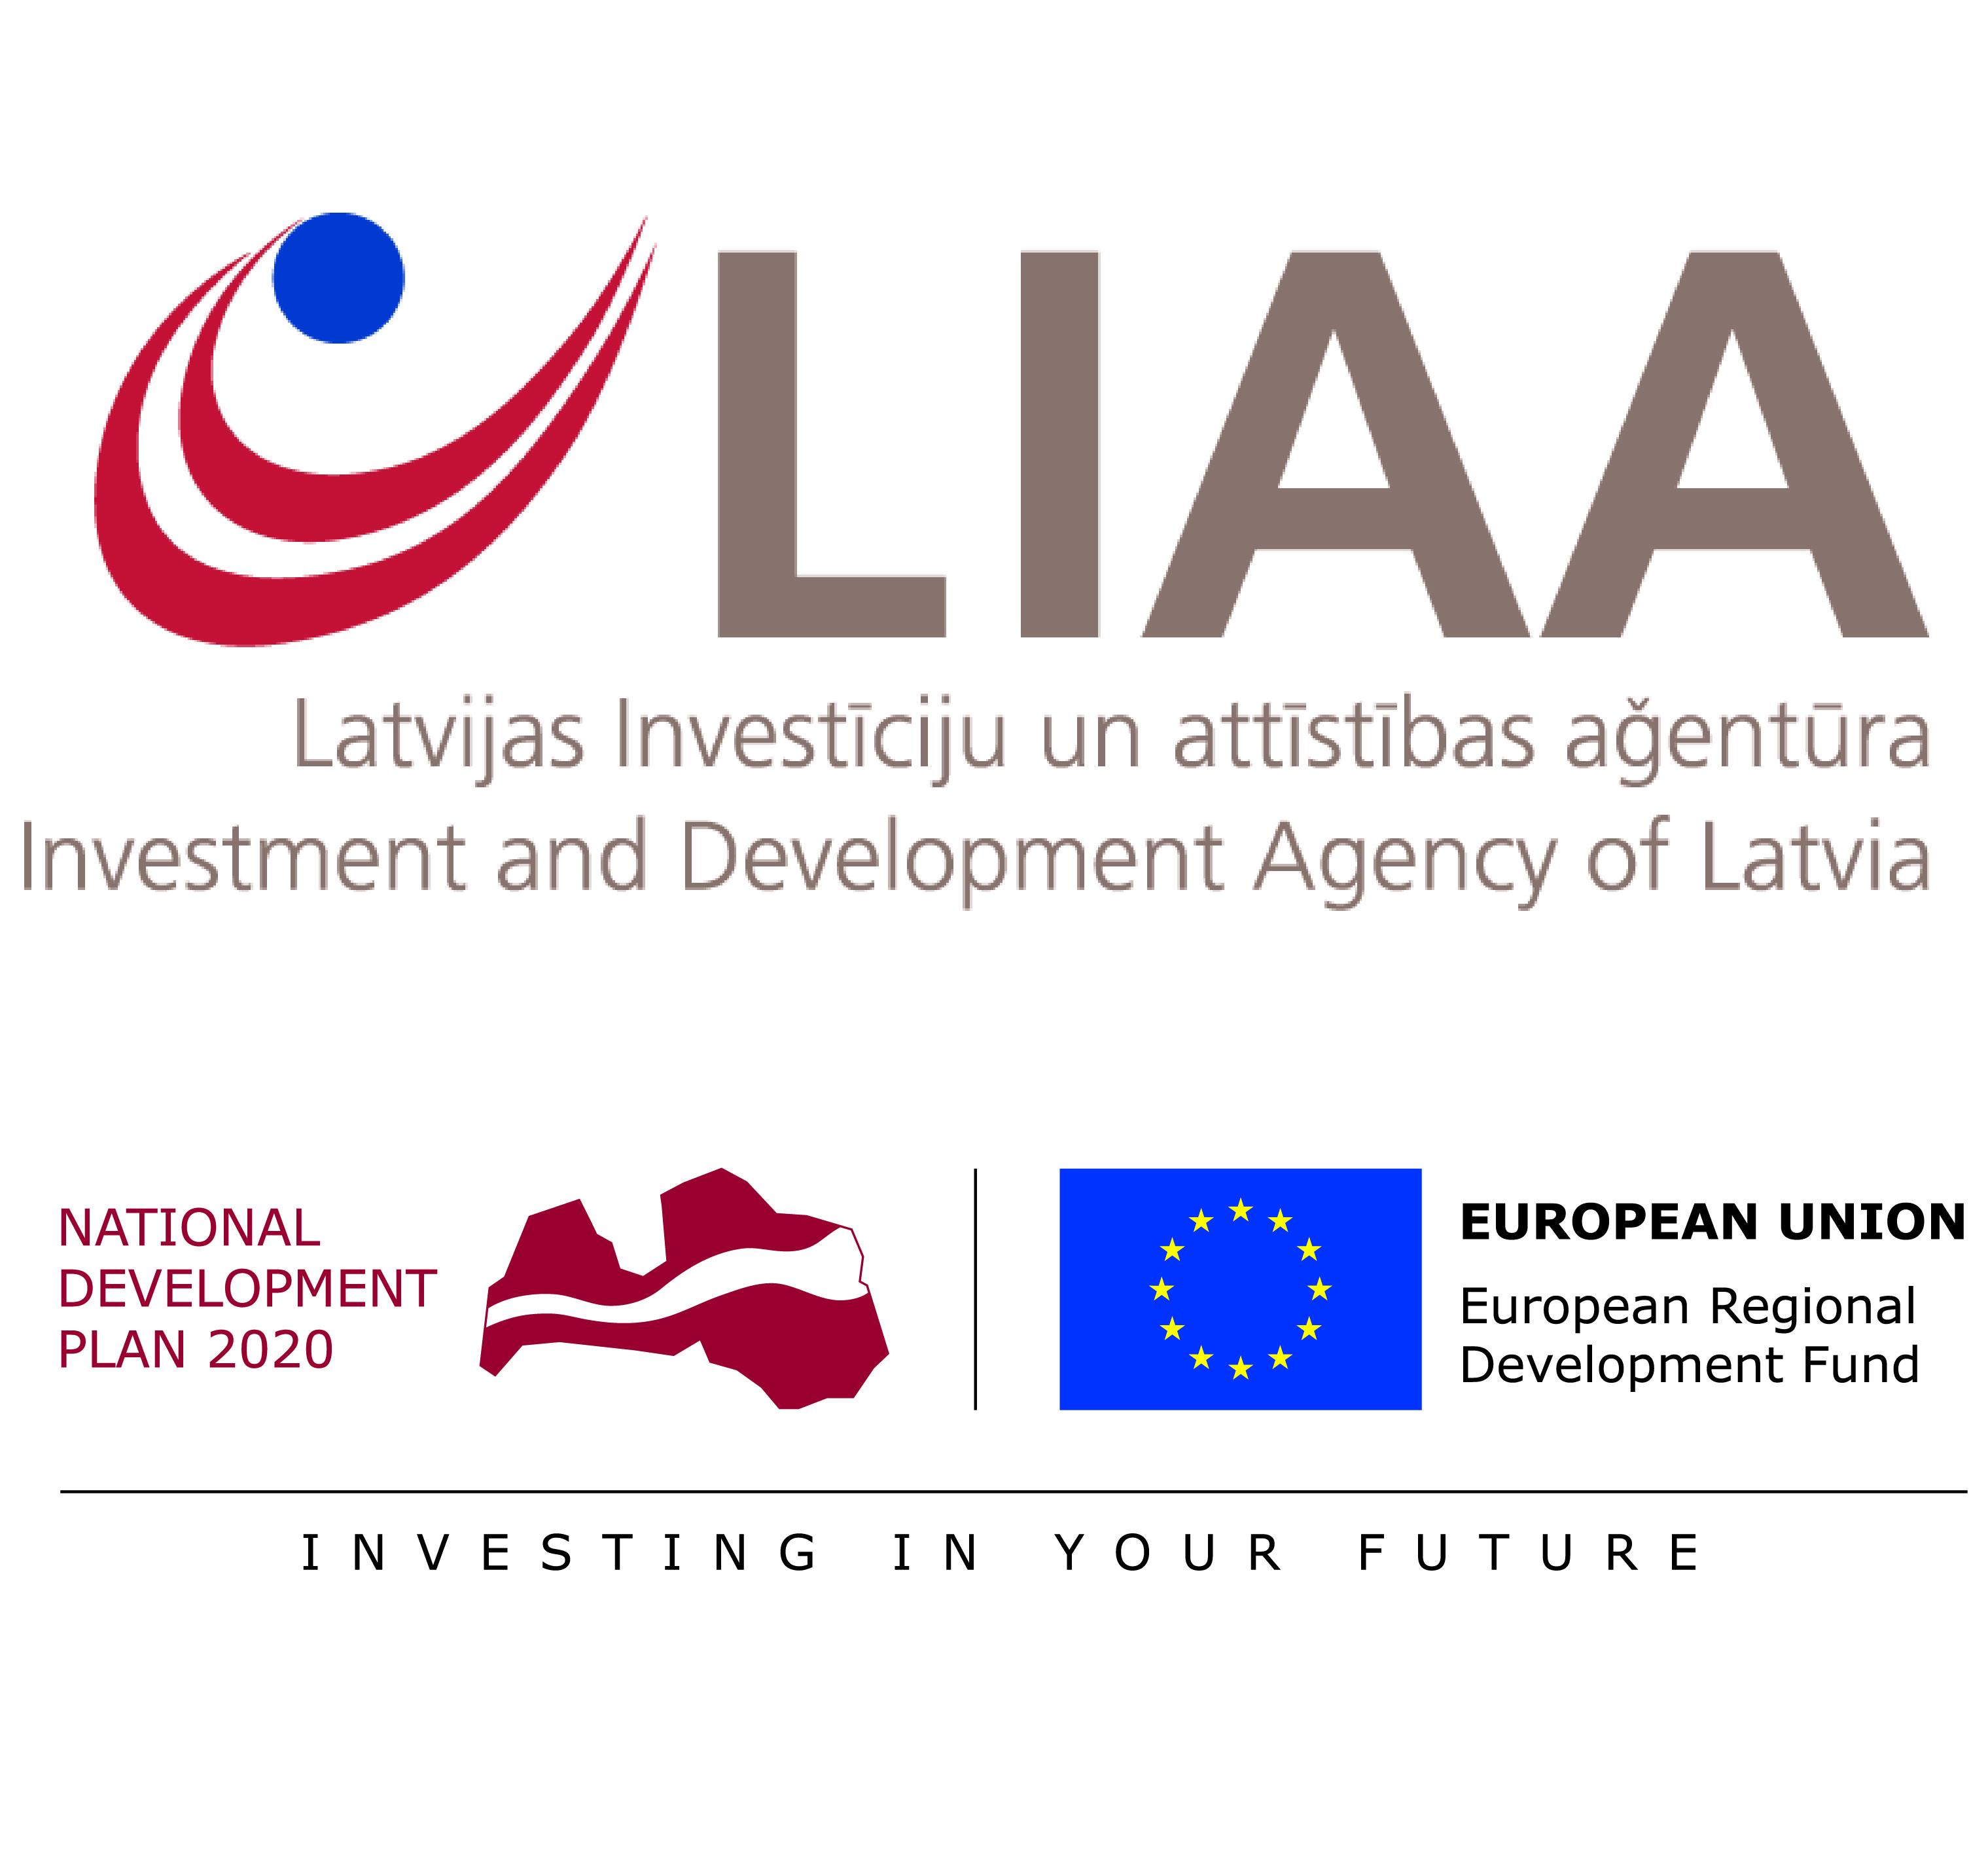 logo_EU-01